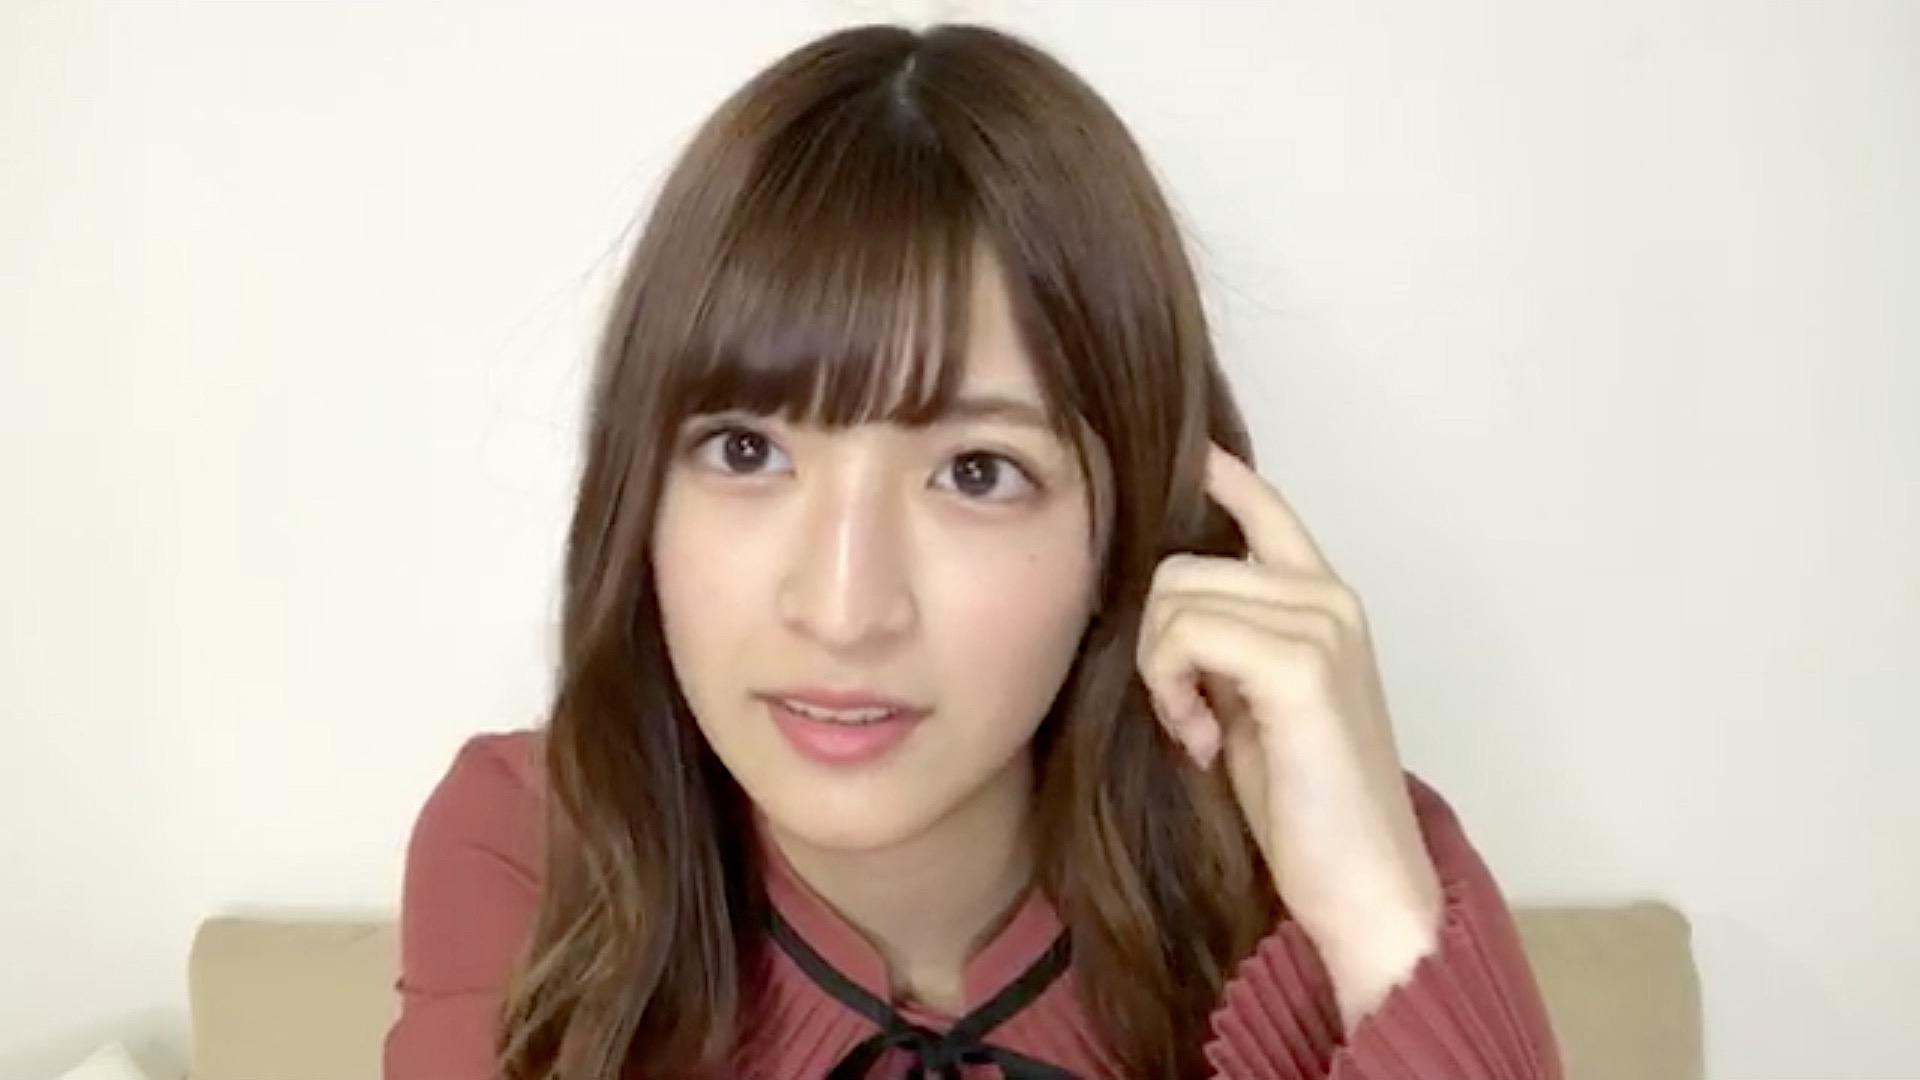 吉田綾乃クリスティー「のぎおび⊿」